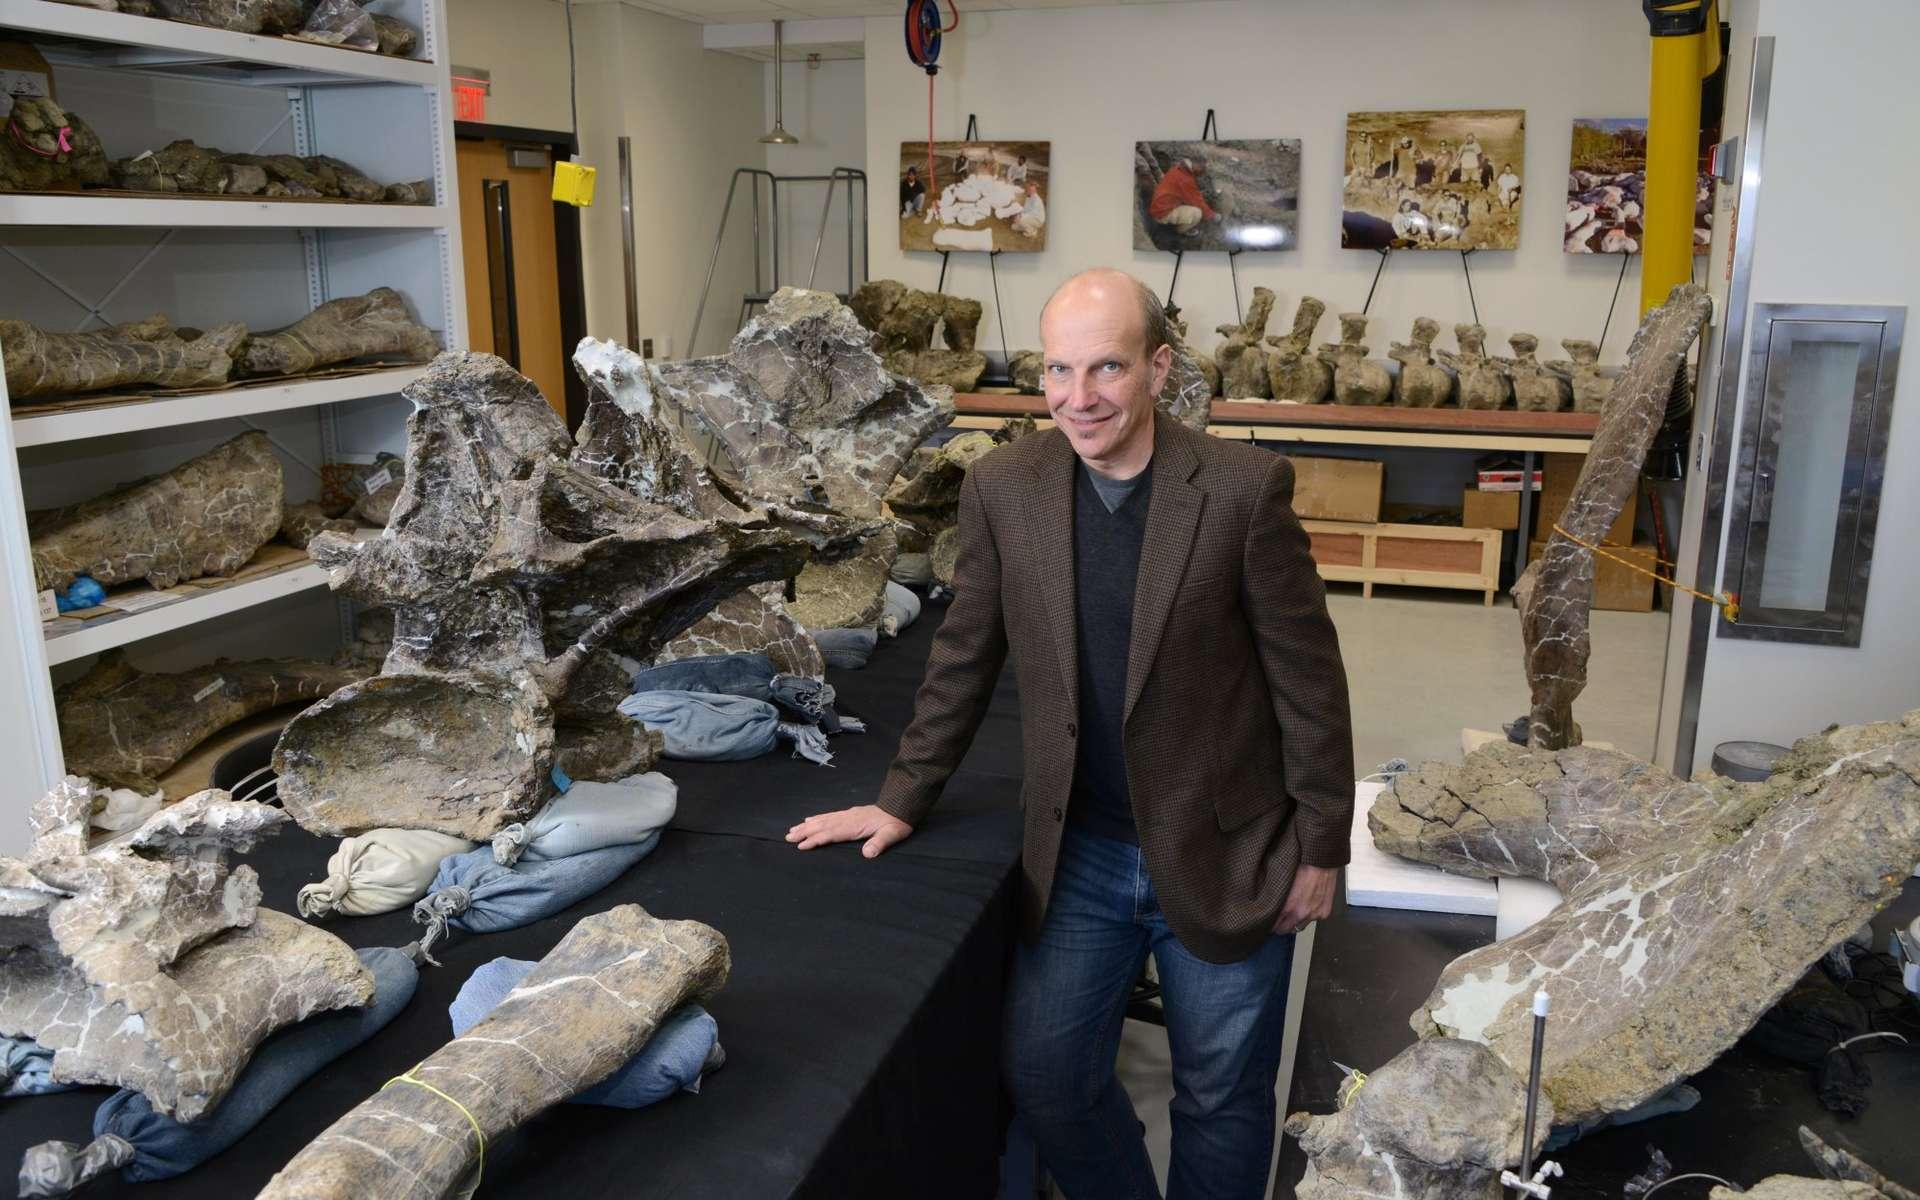 Kenneth Lacovara, membre de l'équipe, pose à côté de vertèbres dorsales appartenant à Dreadnoughtus schrani. D'autres éléments du squelette, dont la queue (au fond), sont installés autour de lui. © Drexel University